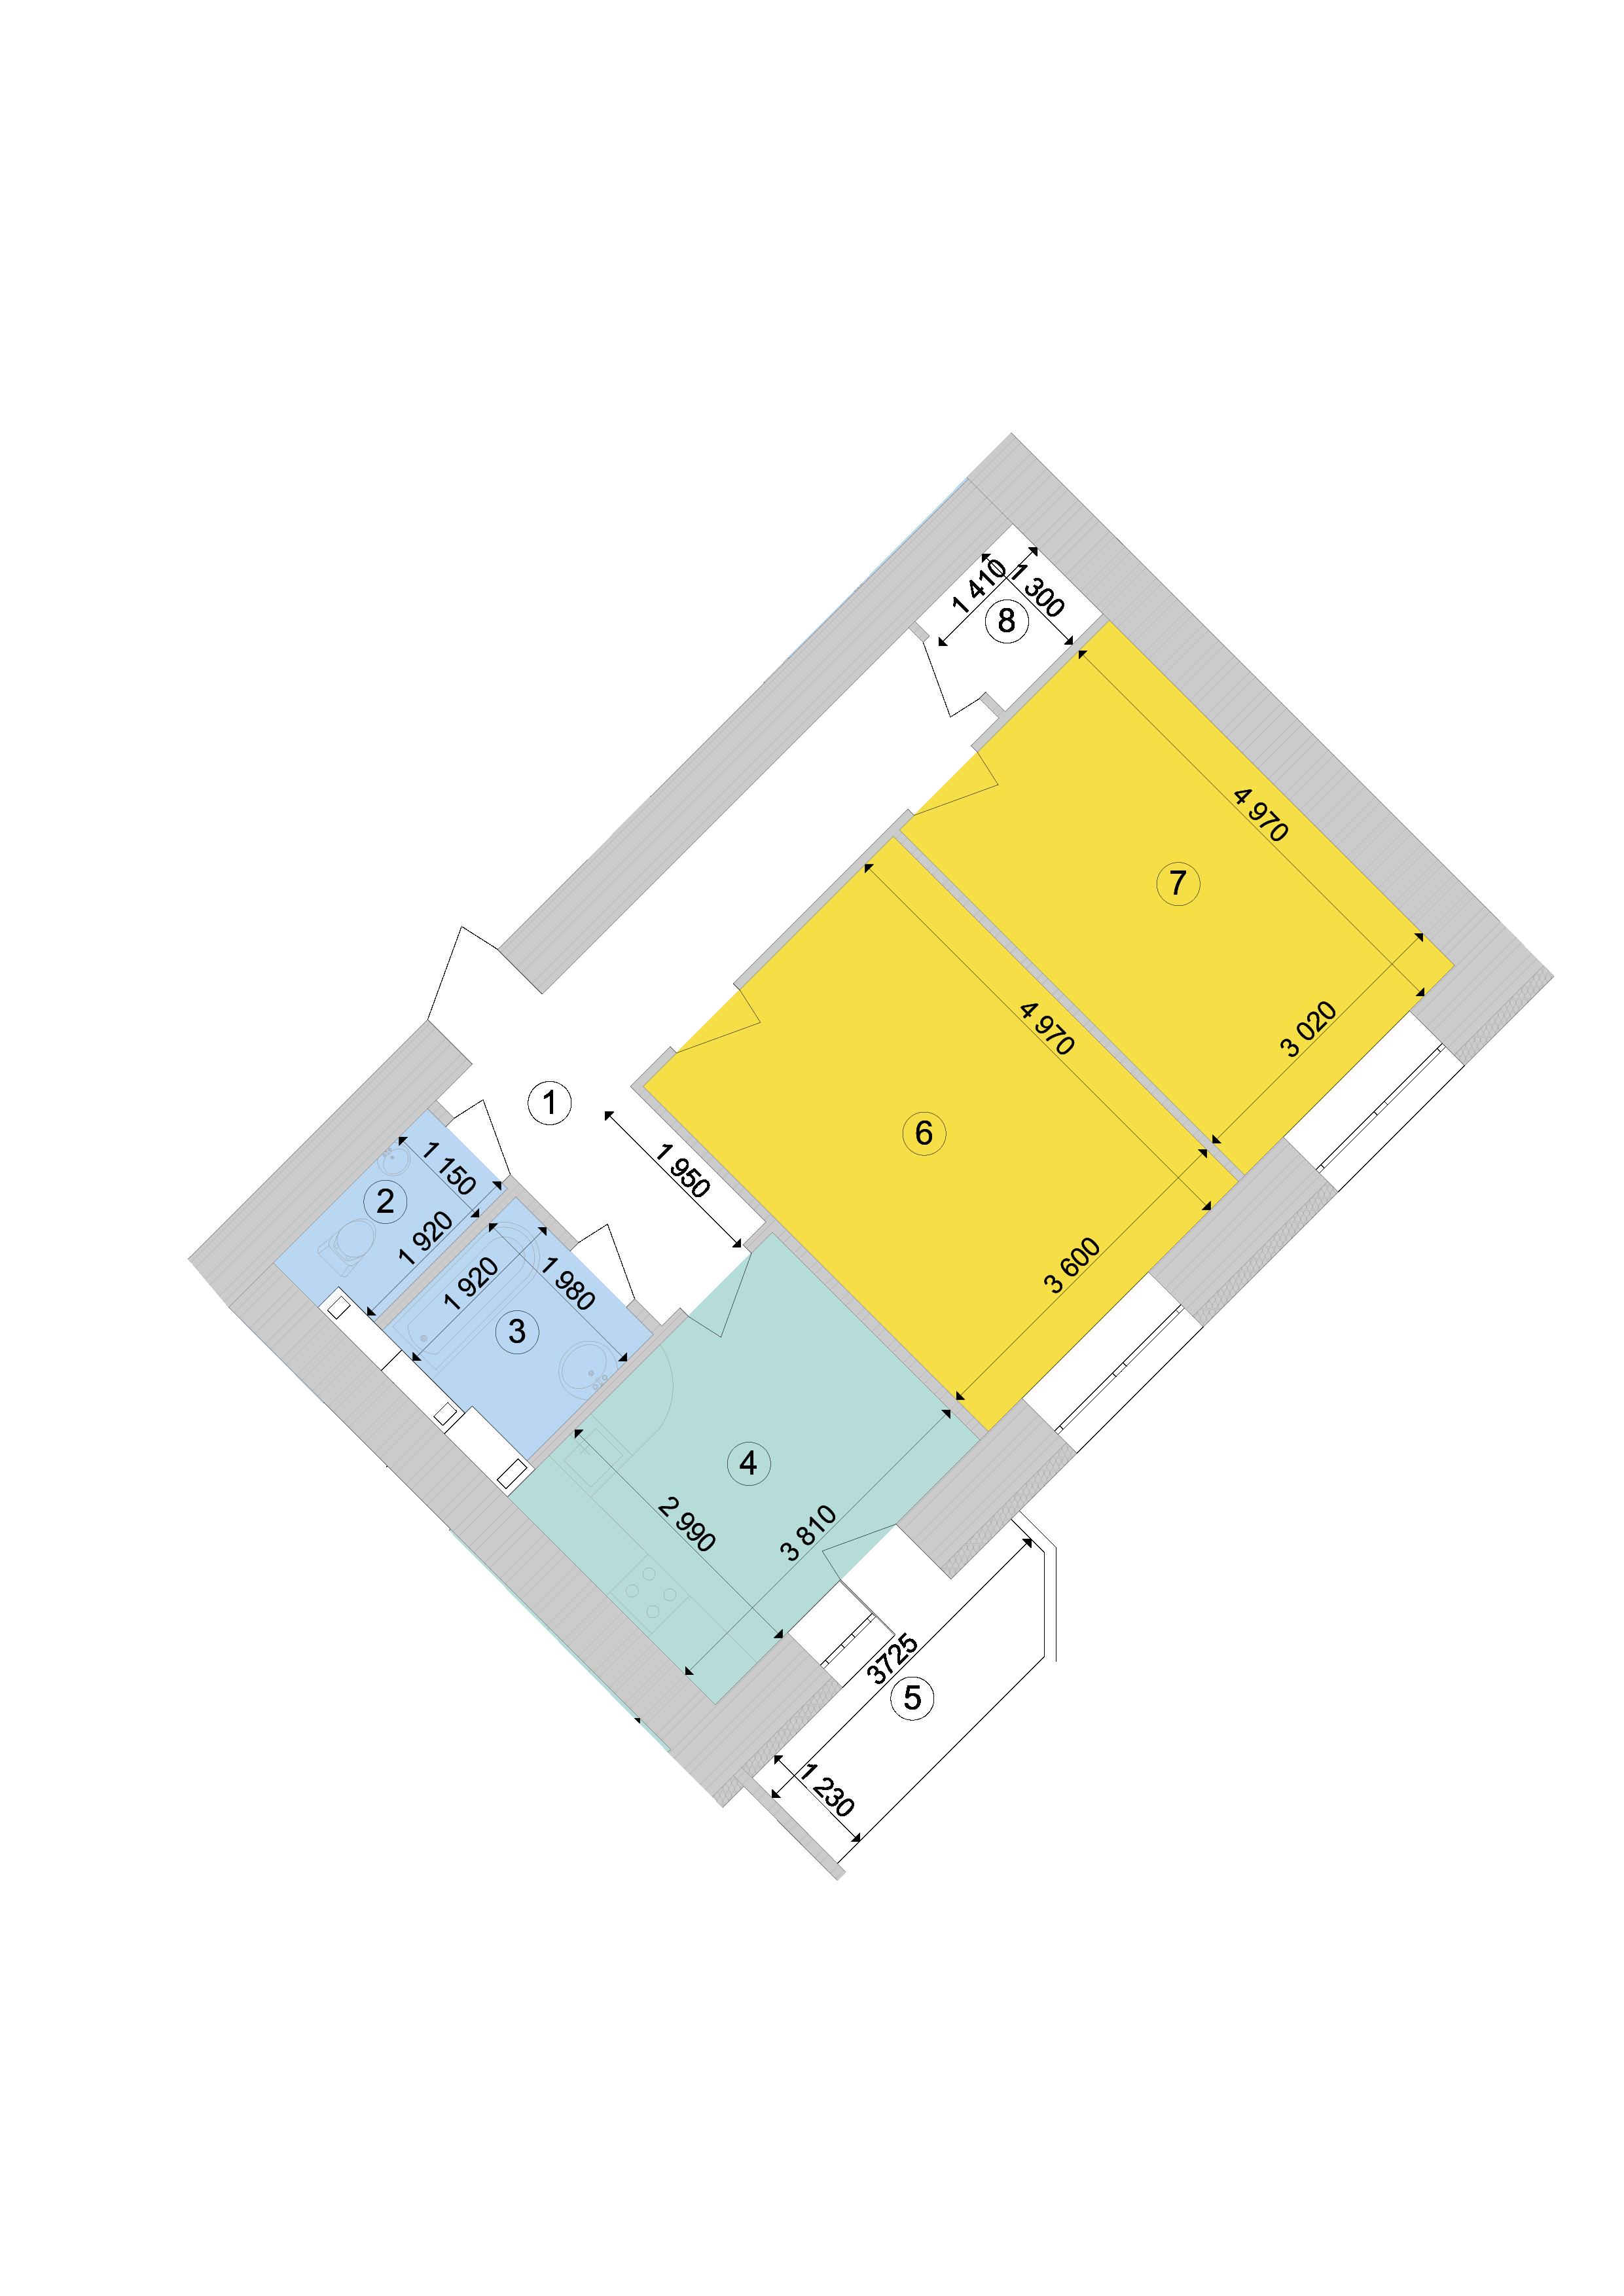 Купити Двокімнатна квартира 64,02 кв.м., тип 2.1, будинок 1, секція 9 в Києві Голосіївський район